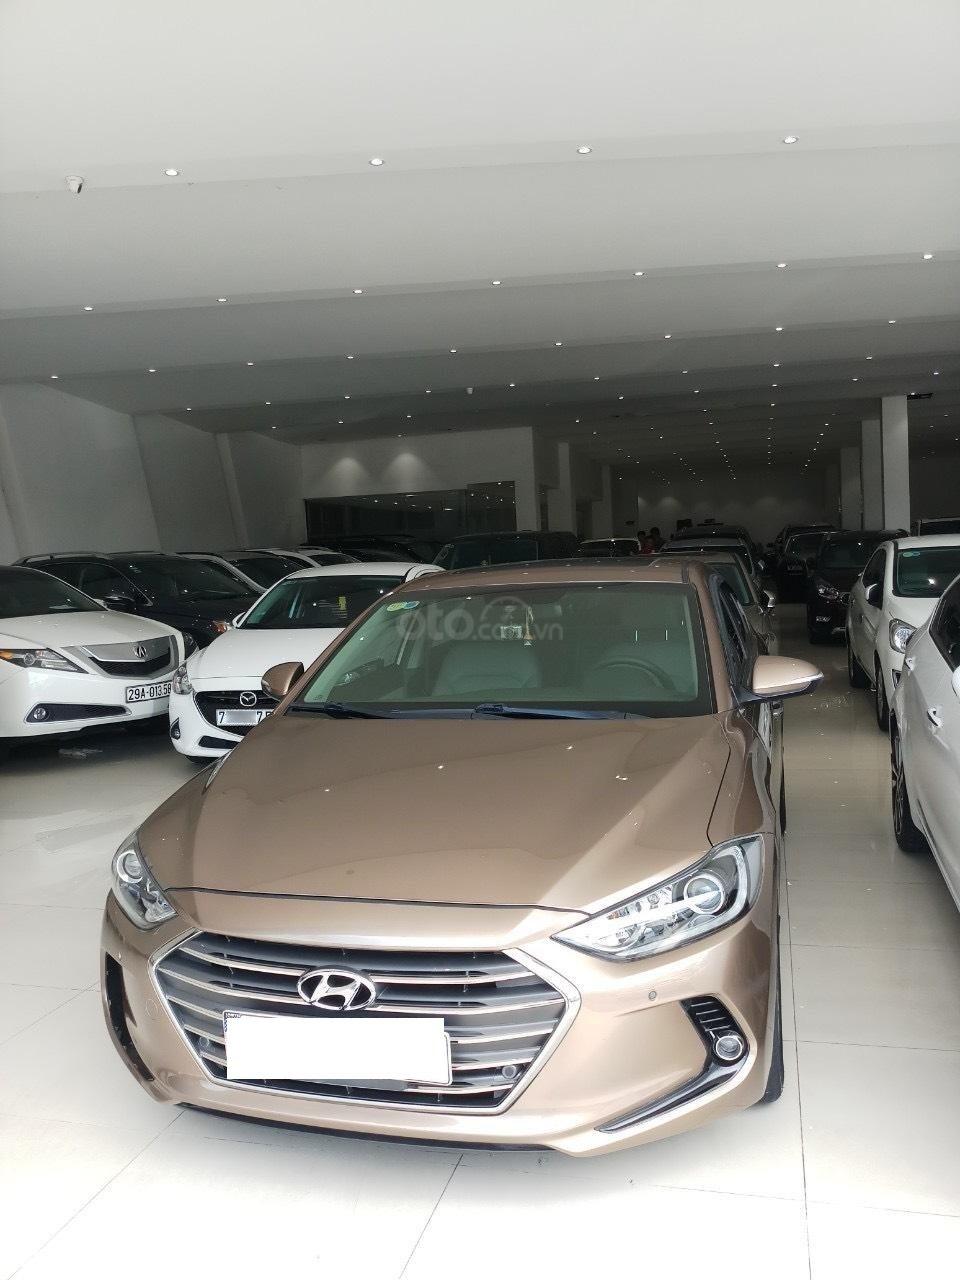 Cần bán Hyundai Elantra 2.0 AT vàng cát 2017 đẹp nguyên bản như mới (1)